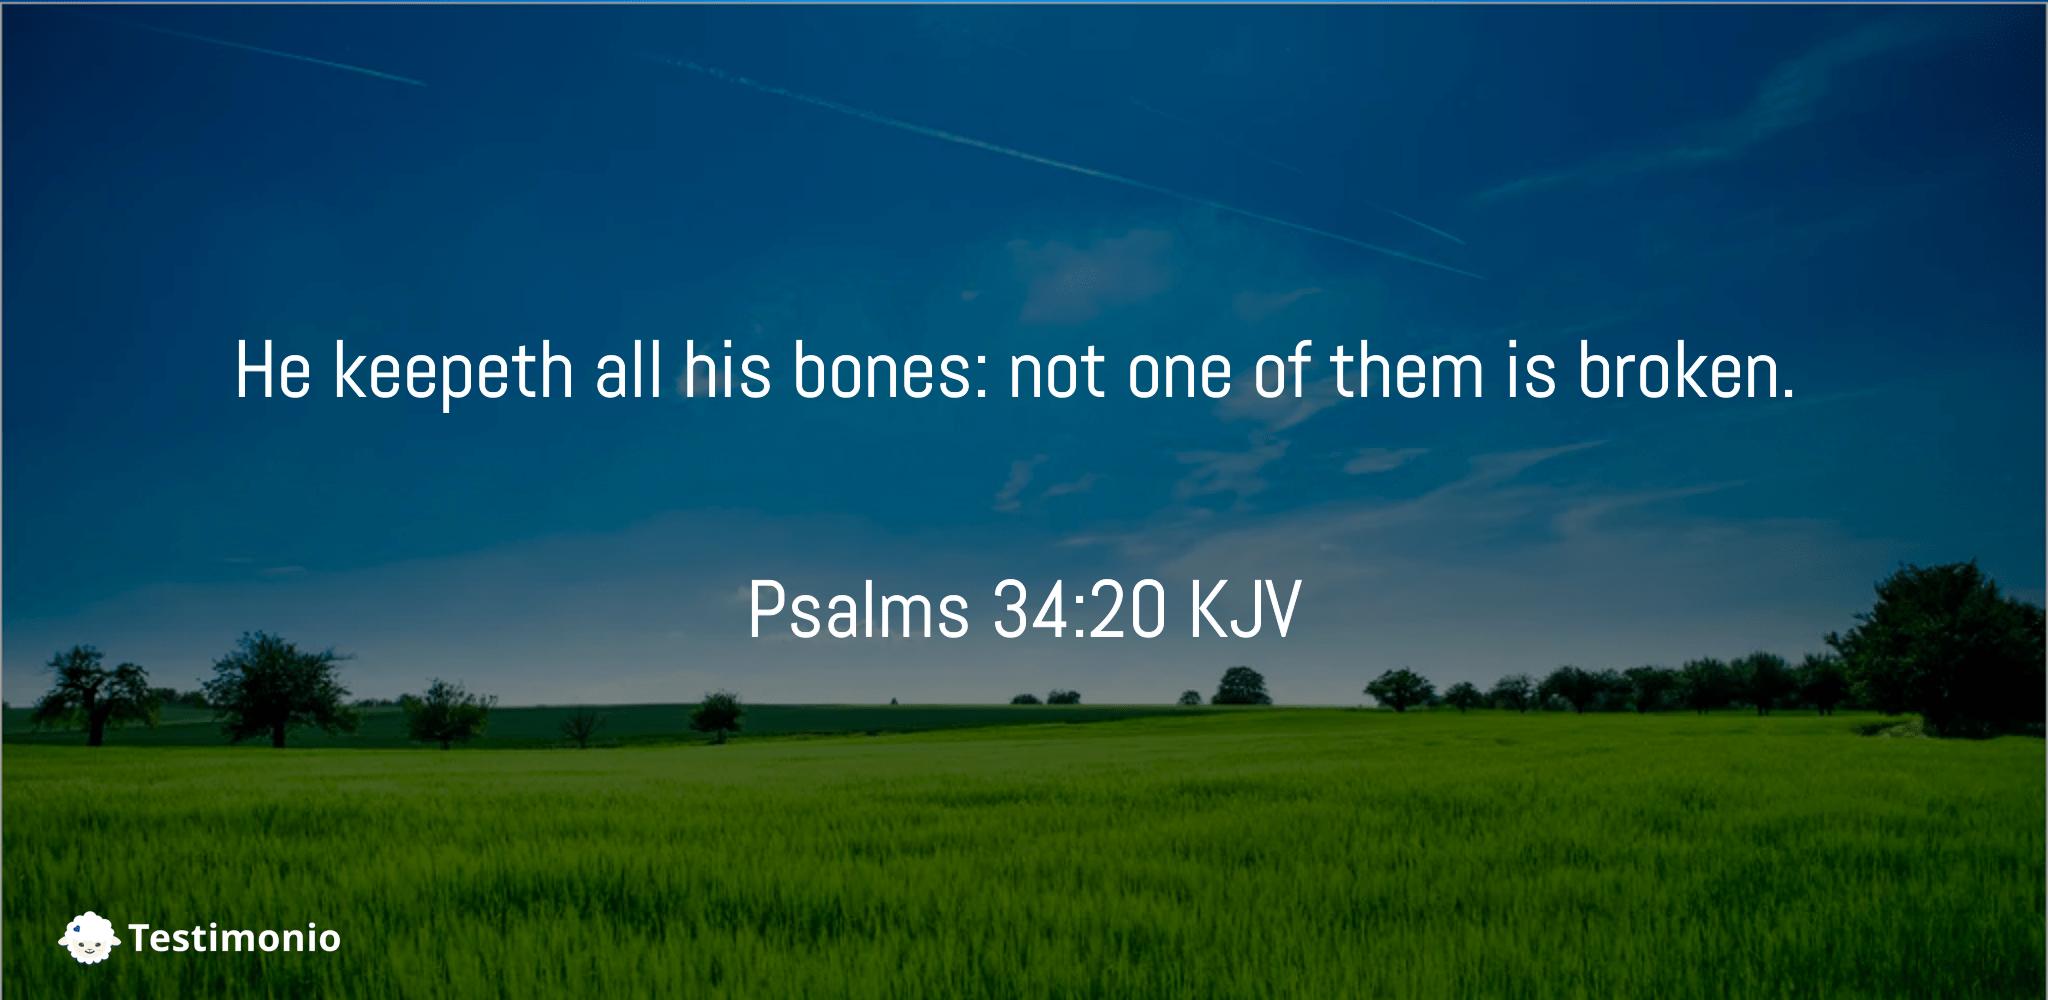 Psalms 34:20